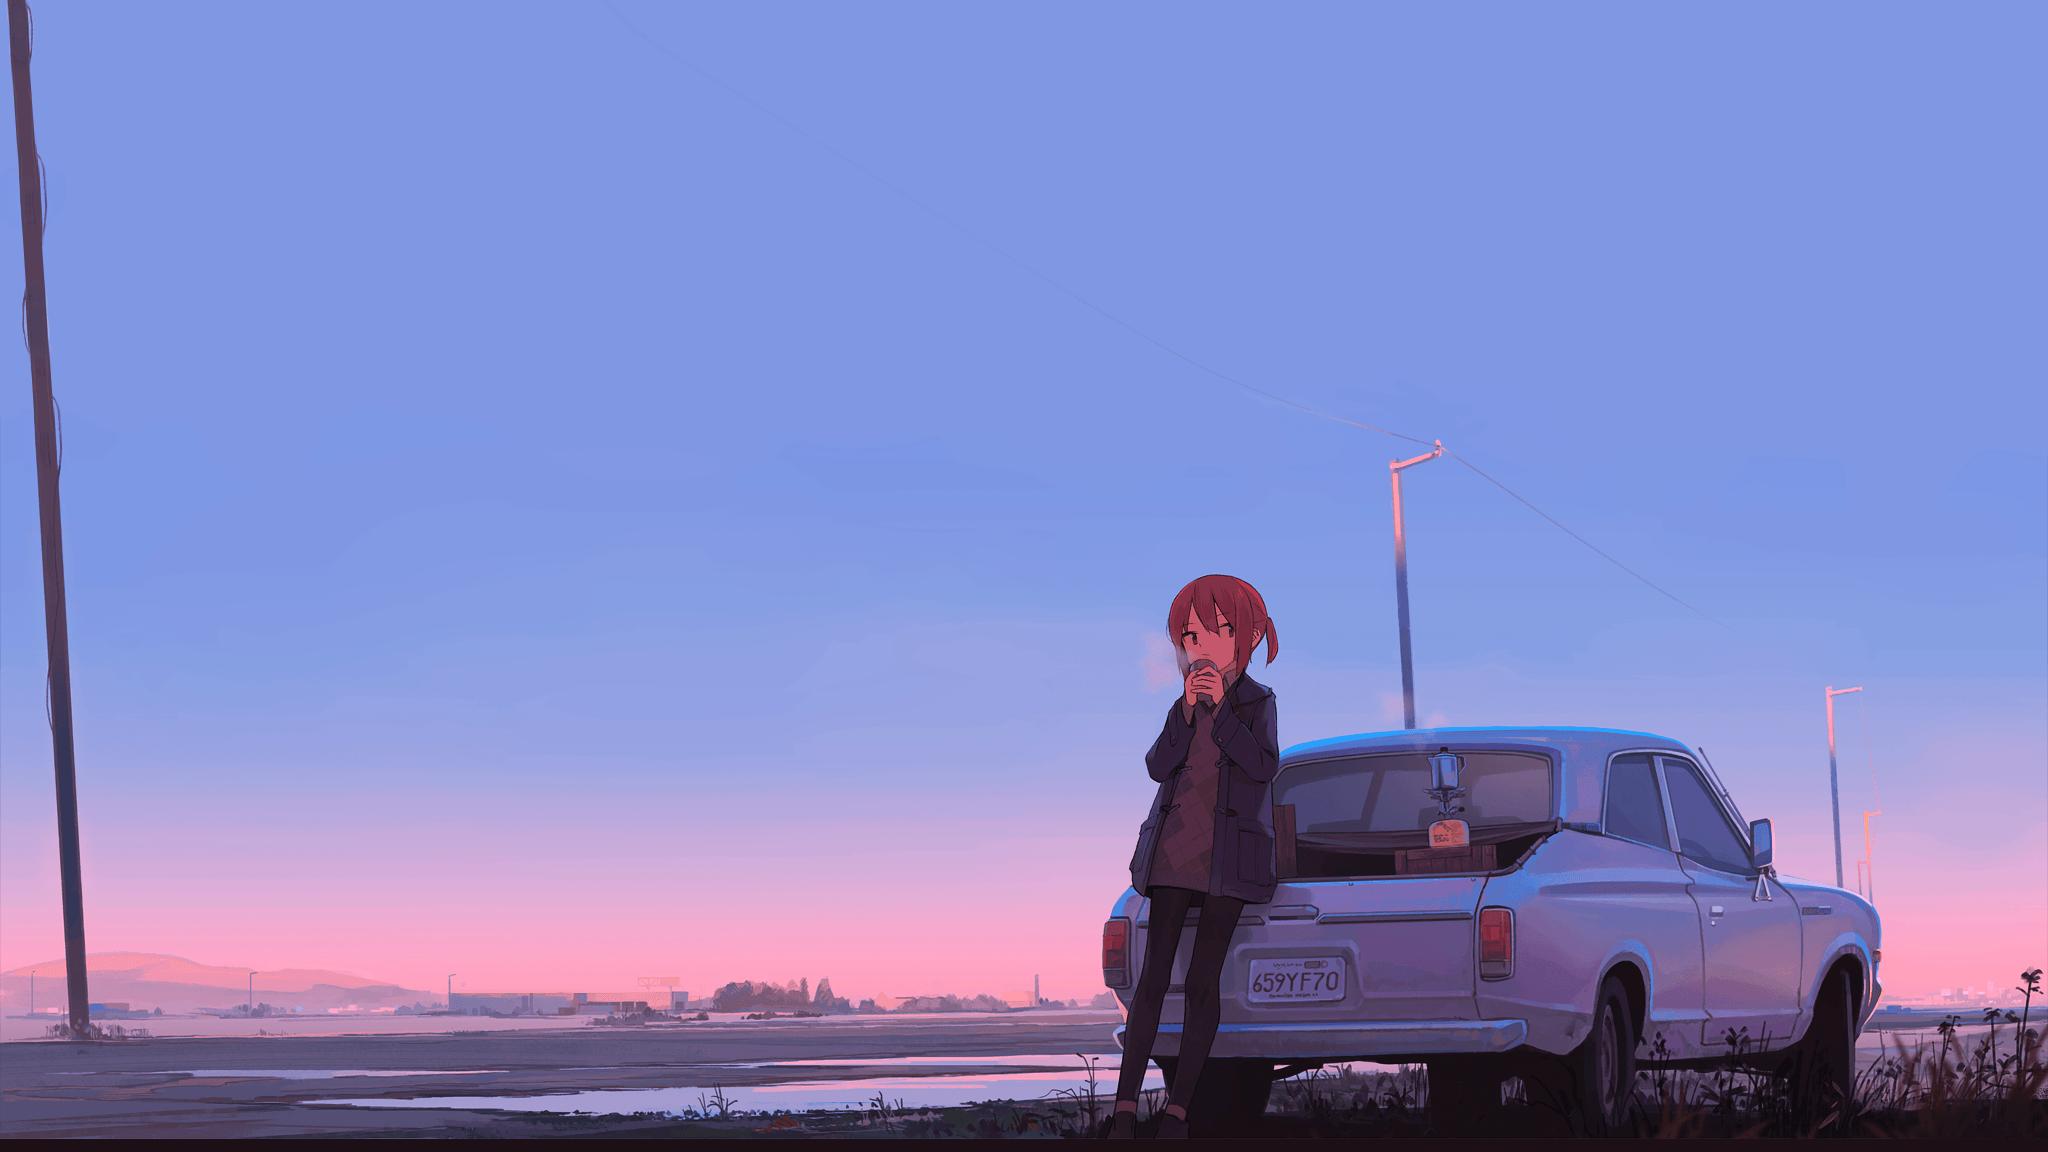 X Subtle Anime